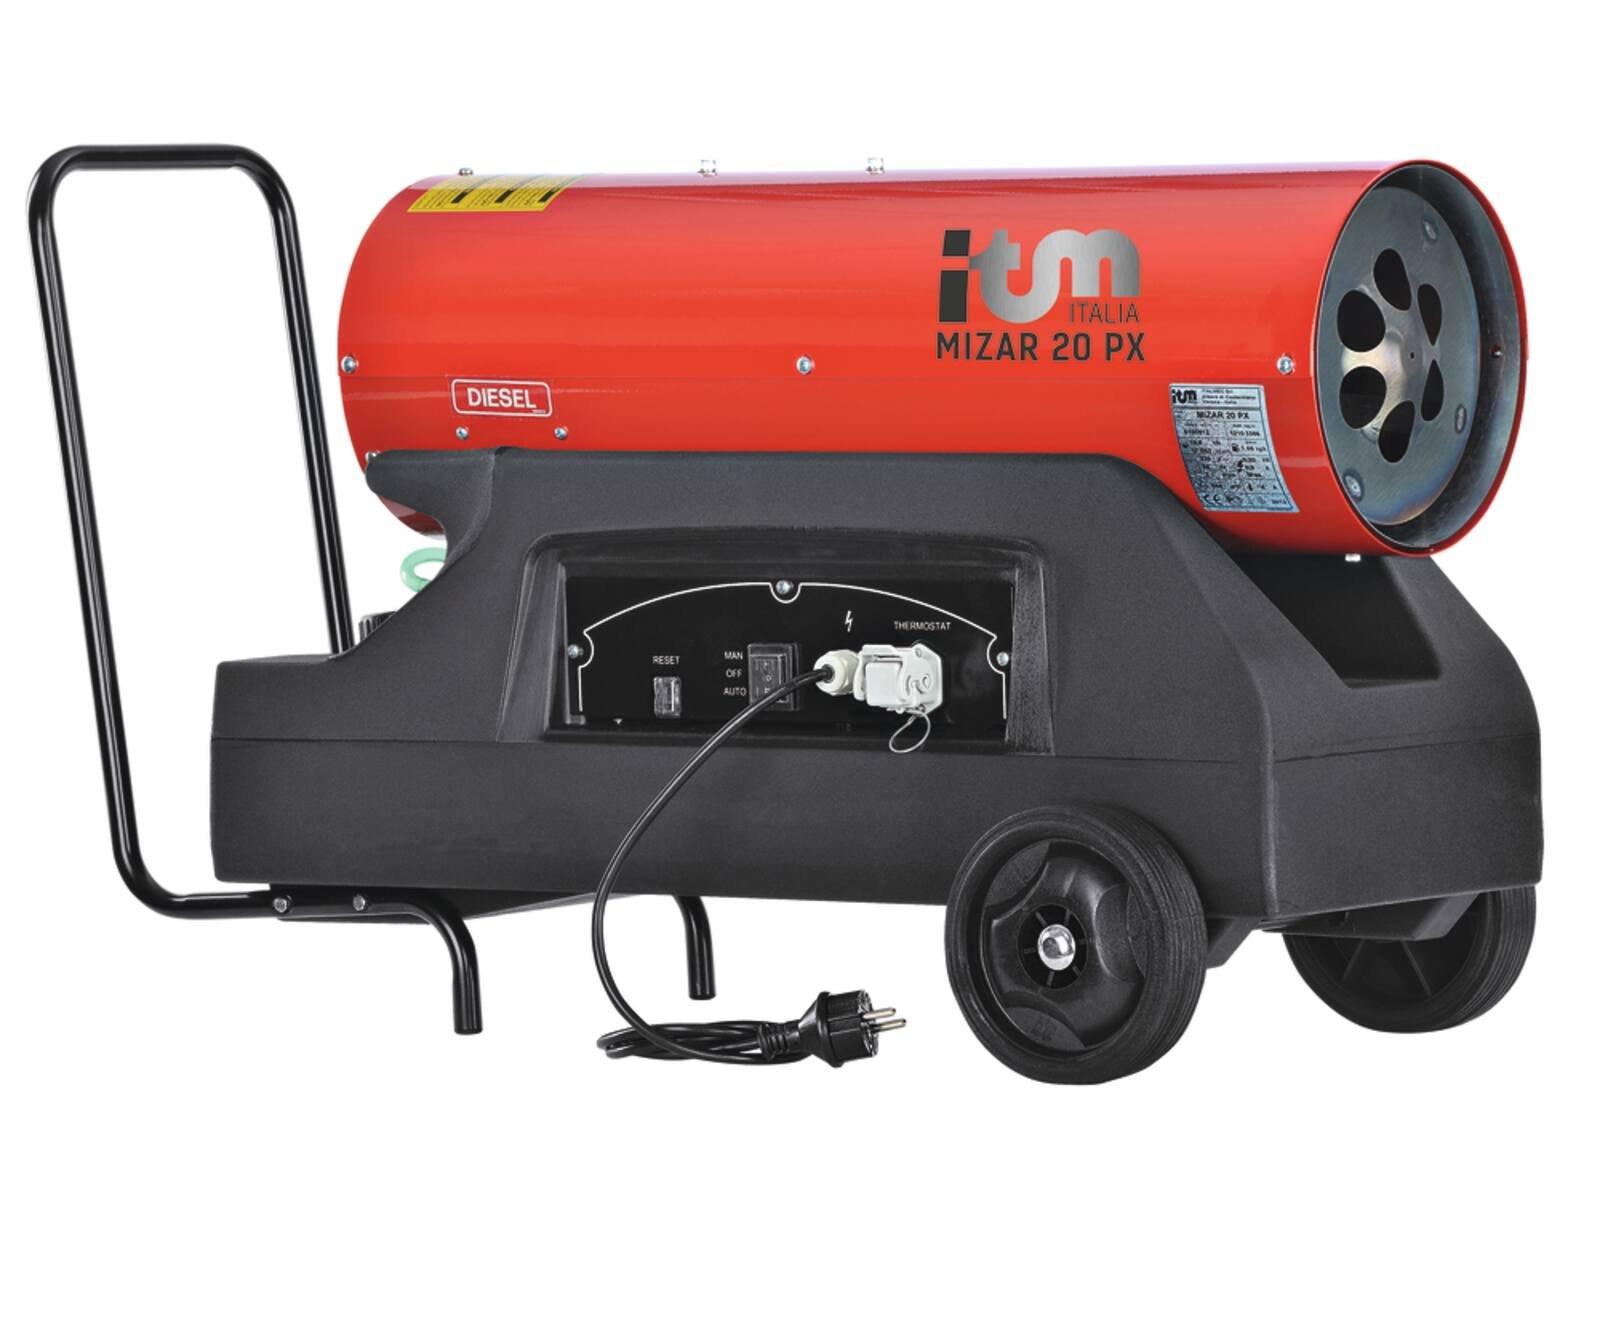 Chauffage GASOIL DIRECT MIZAR PX 20